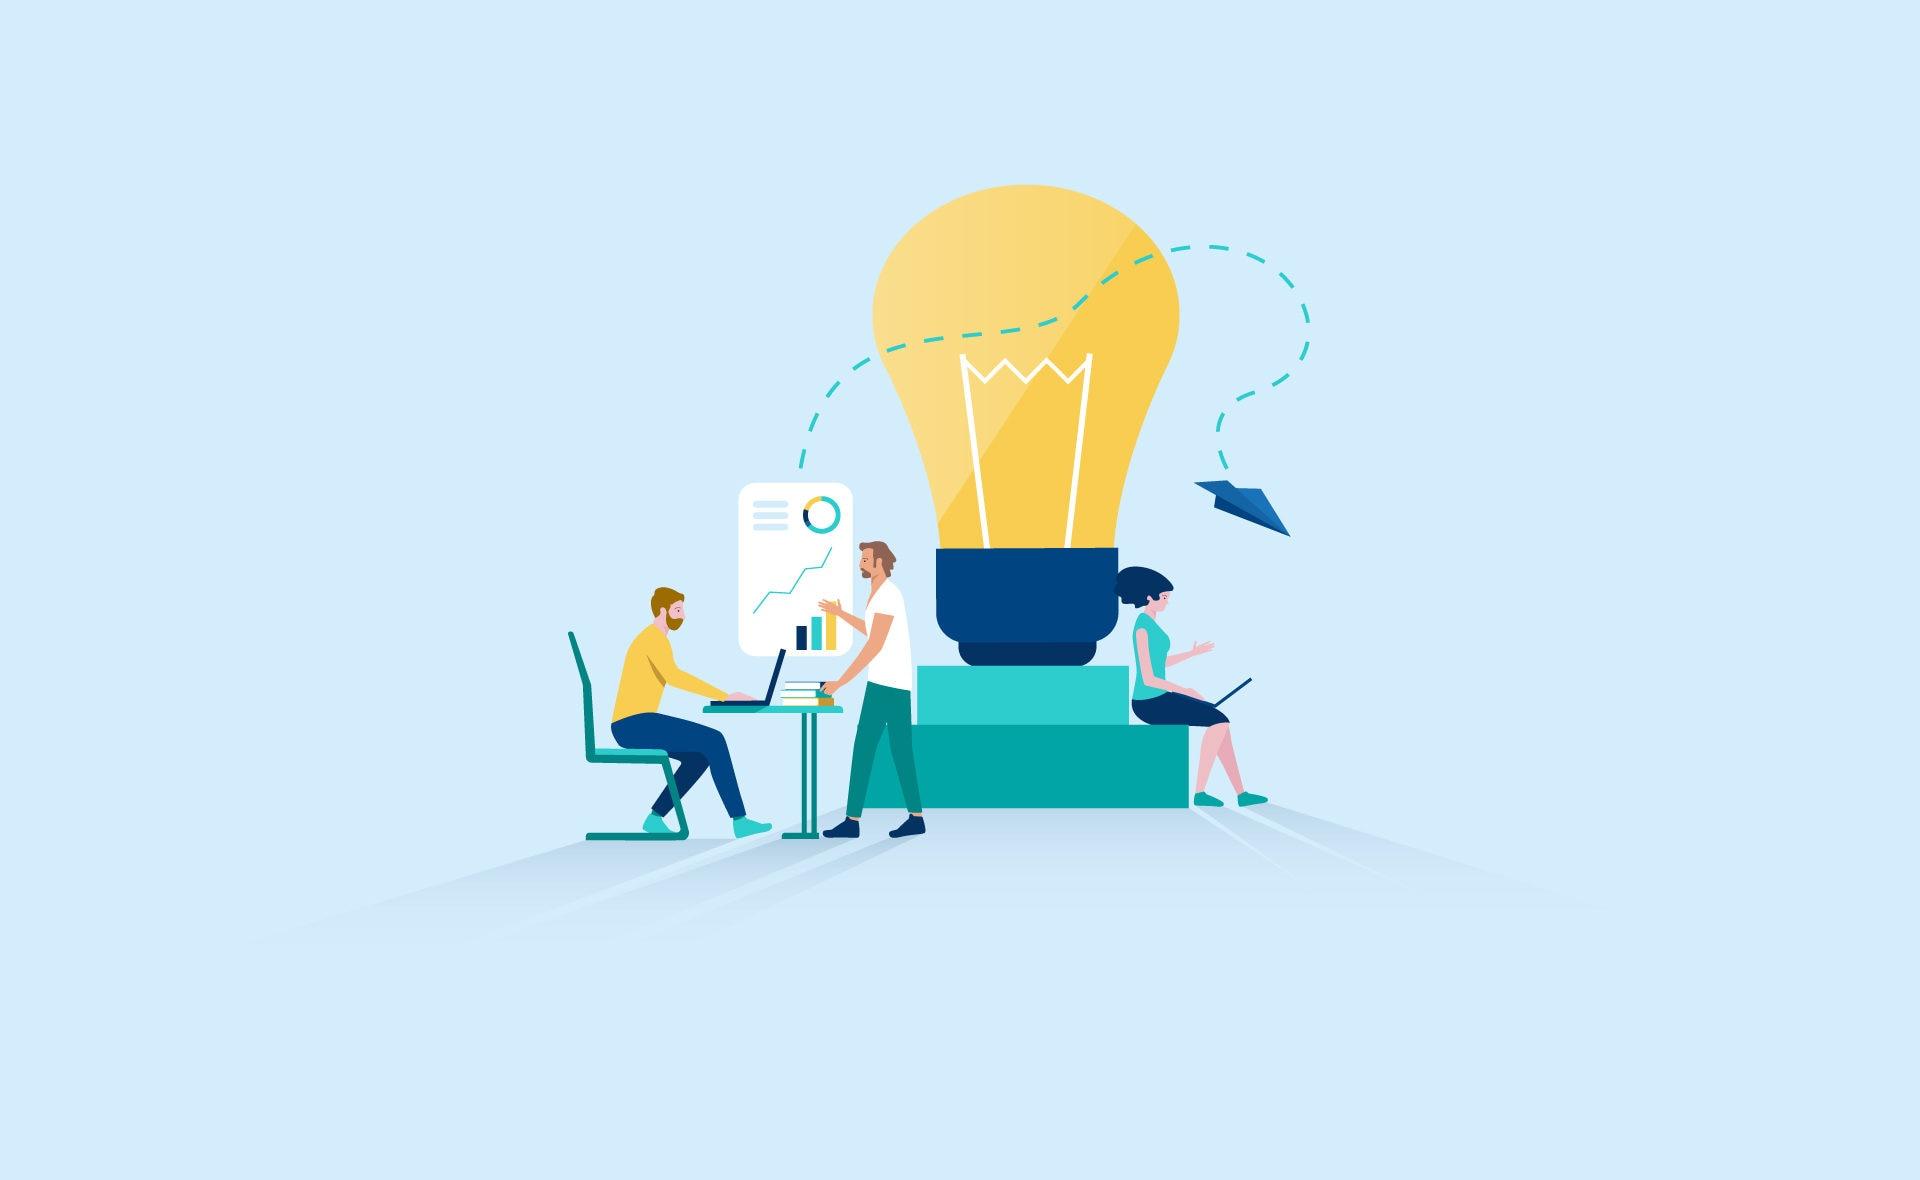 startup- innovación-fintech-tecnologia-financiacion